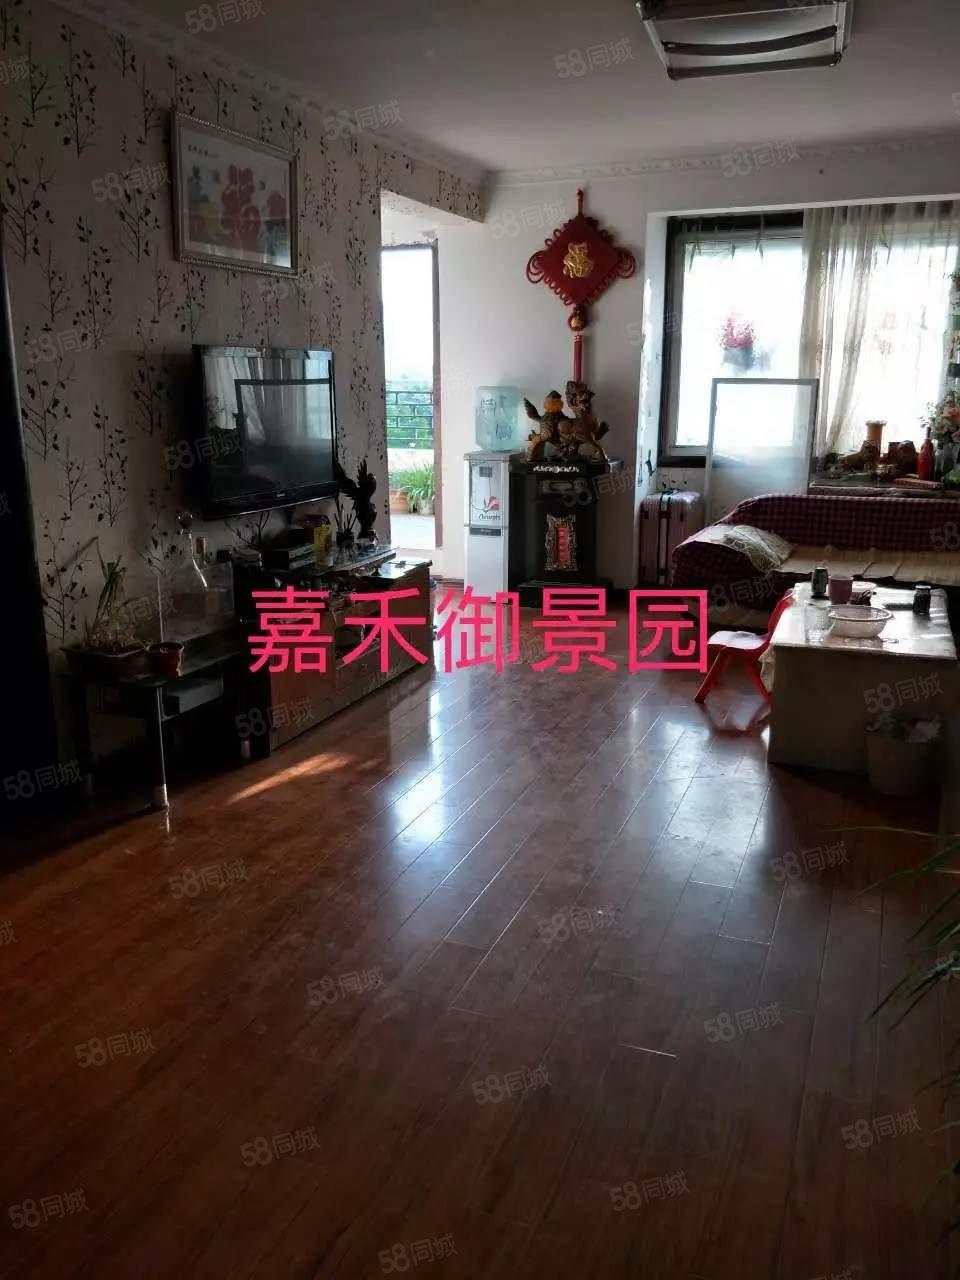 嘉禾御景园3室2厅送30平方露台大平台